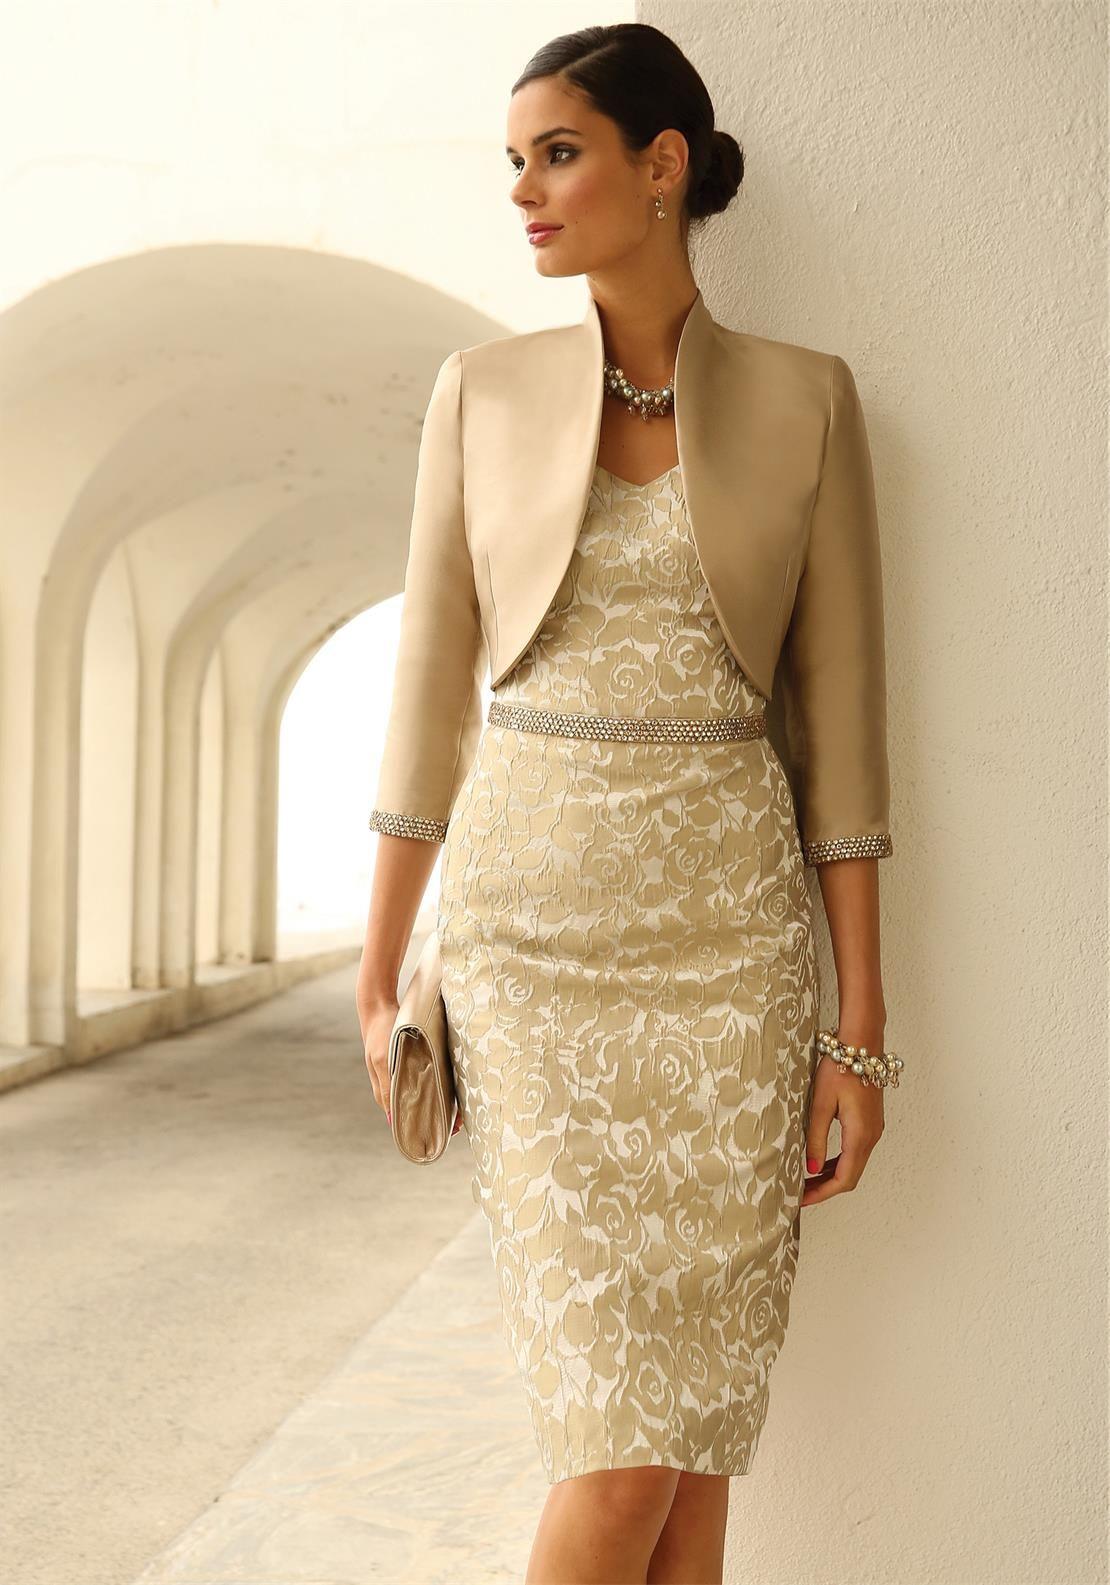 linea raffaelli gold floral dress and bolero | vestidos con